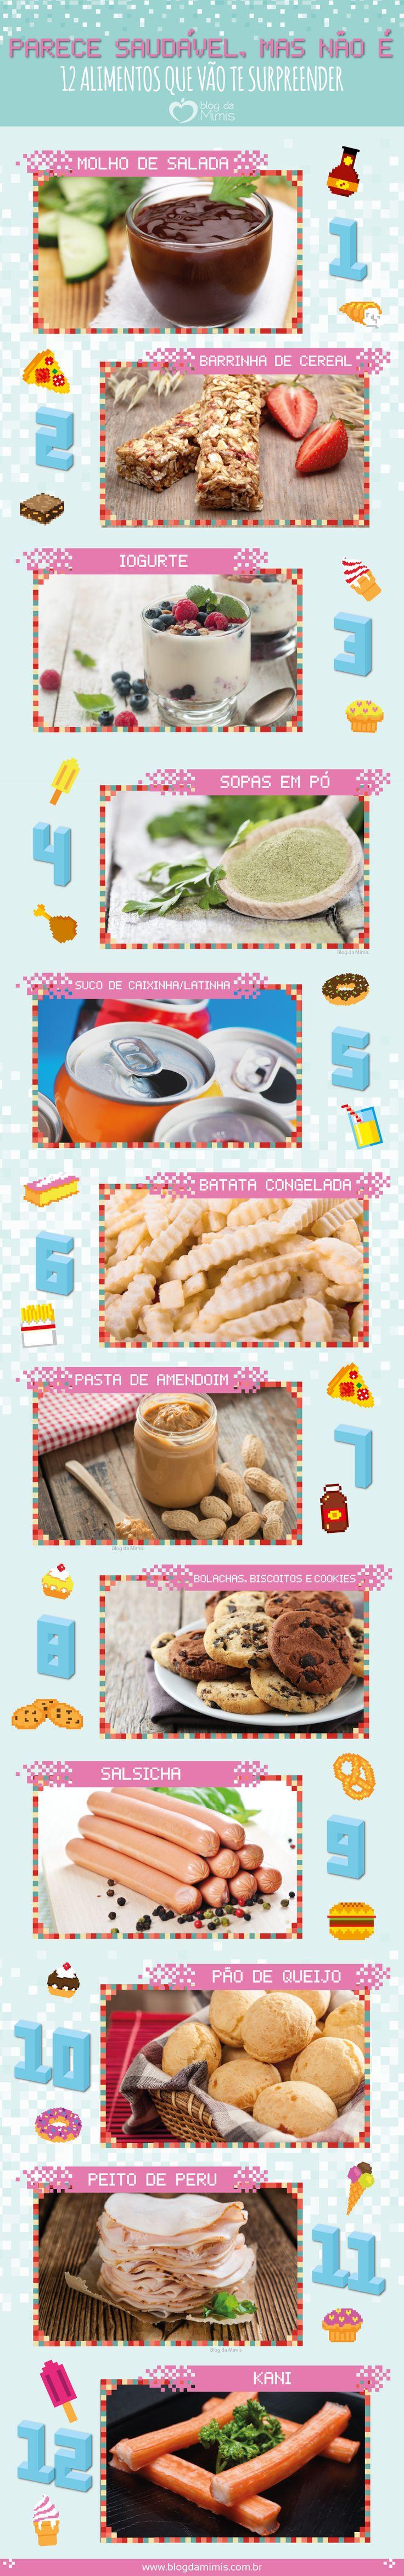 Parece saudável, mas não é: 12 alimentos que vão te surpreender